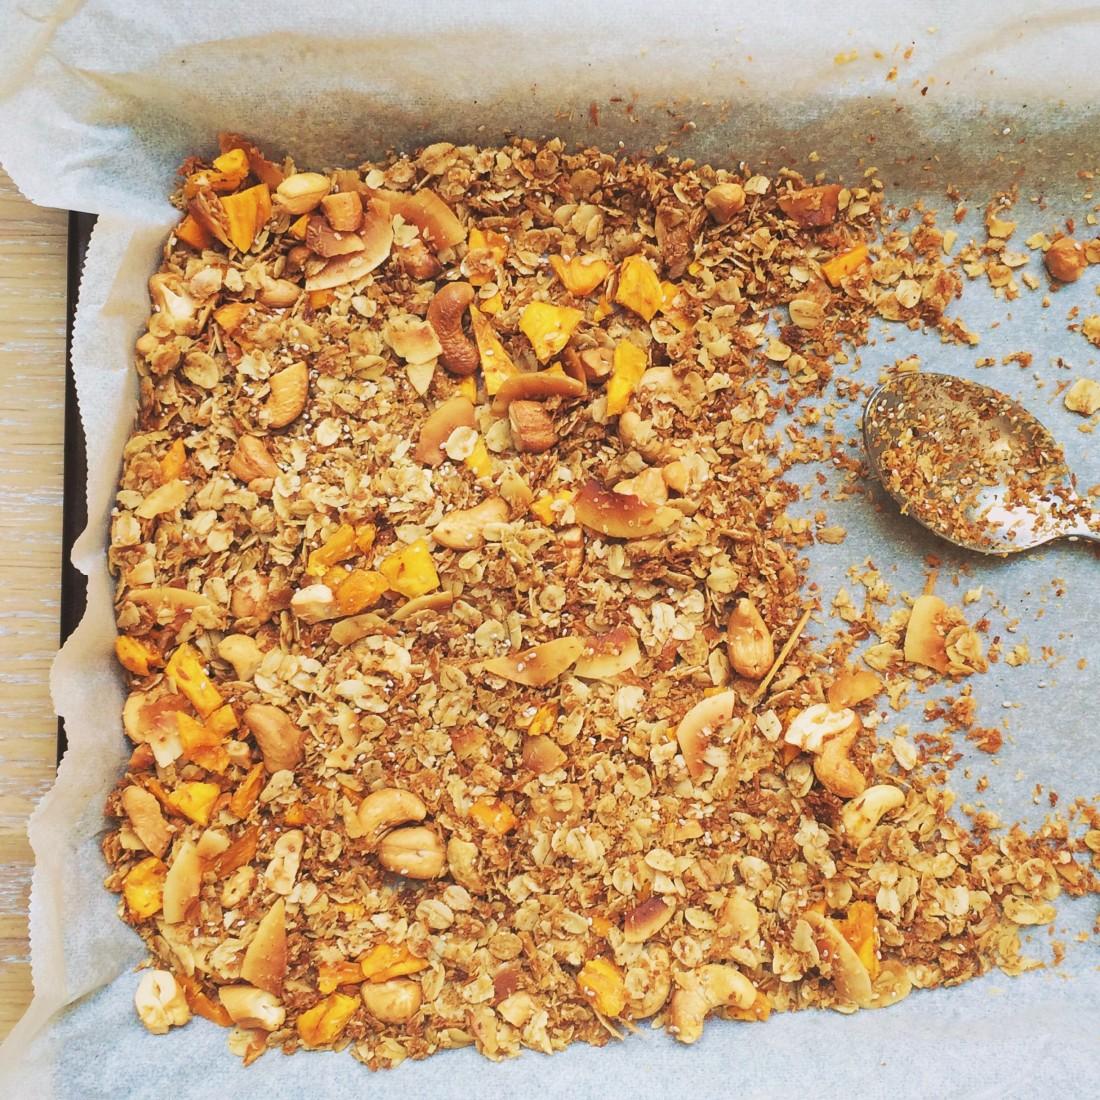 Healthy coconut granola recipe